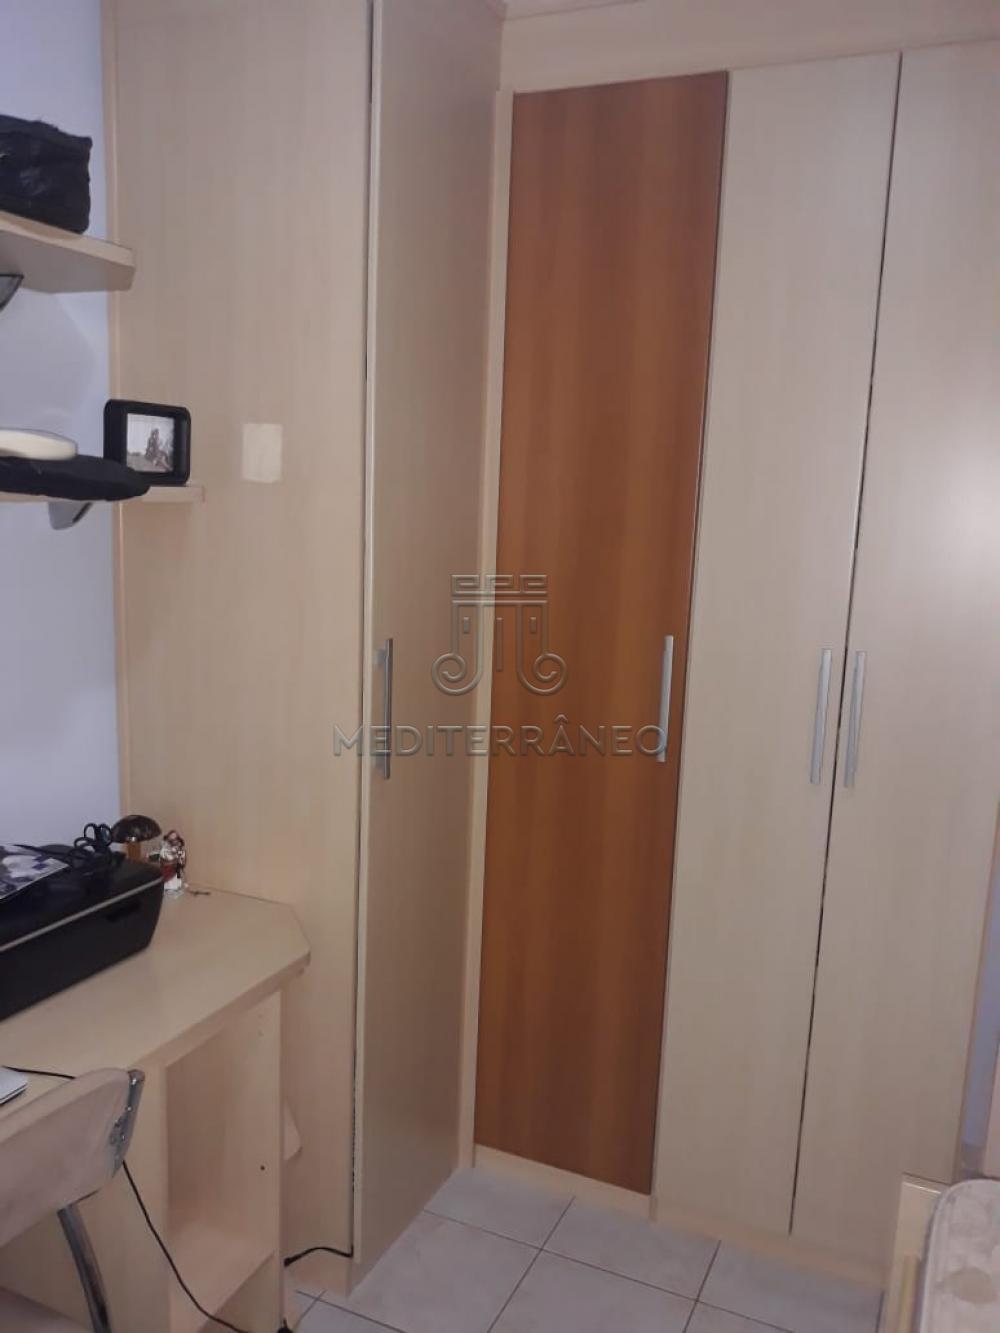 Comprar Apartamento / Padrão em Jundiaí apenas R$ 520.000,00 - Foto 8